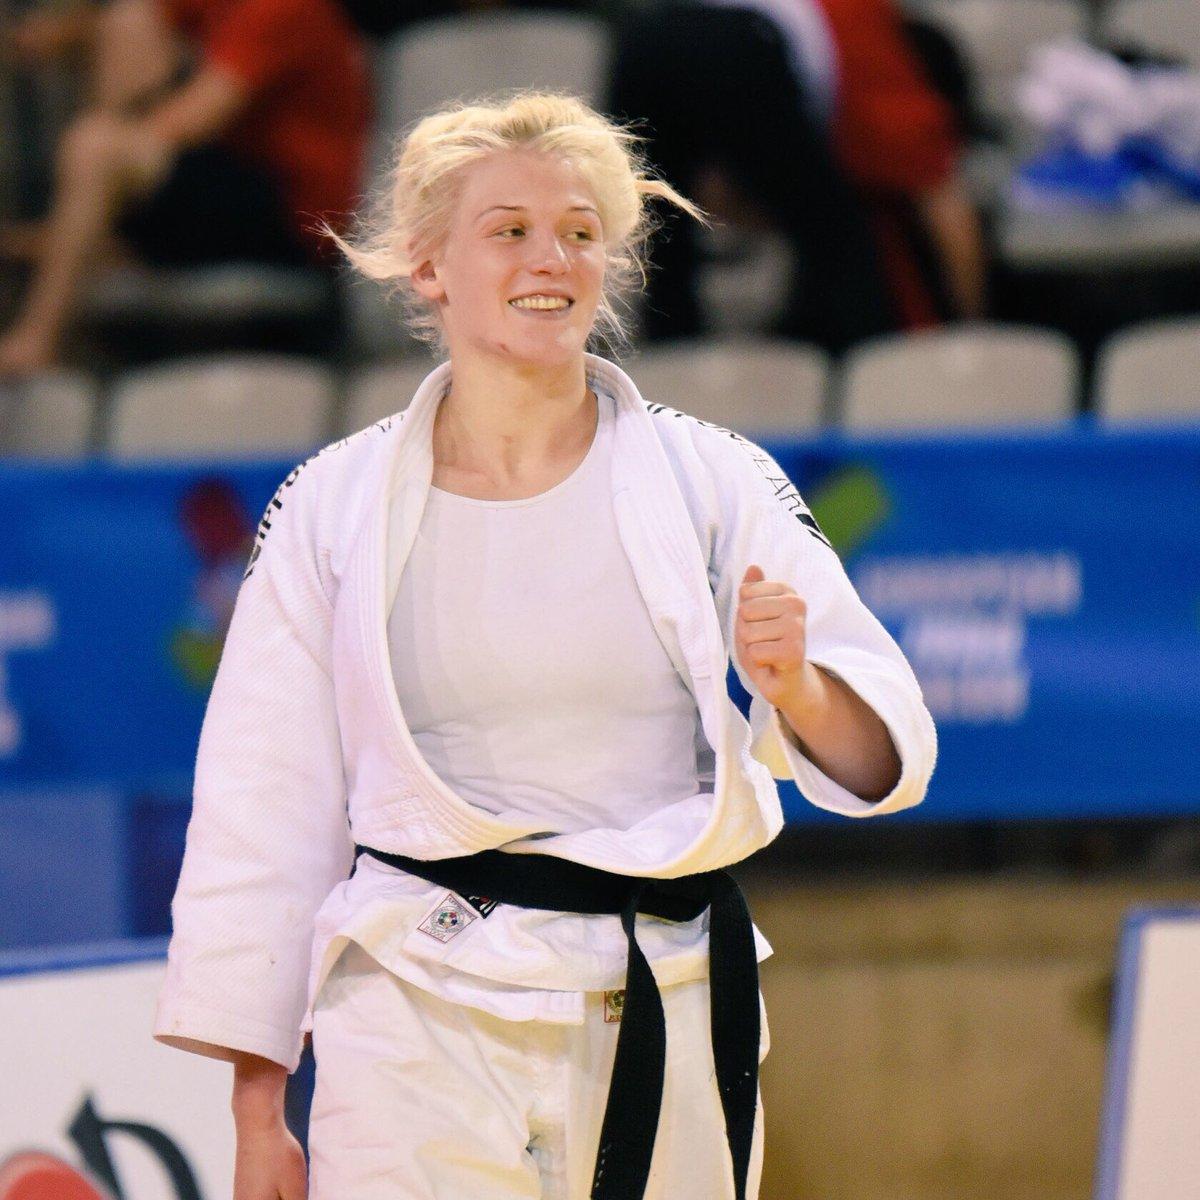 Výsledek obrázku pro vÄra zemanová judo